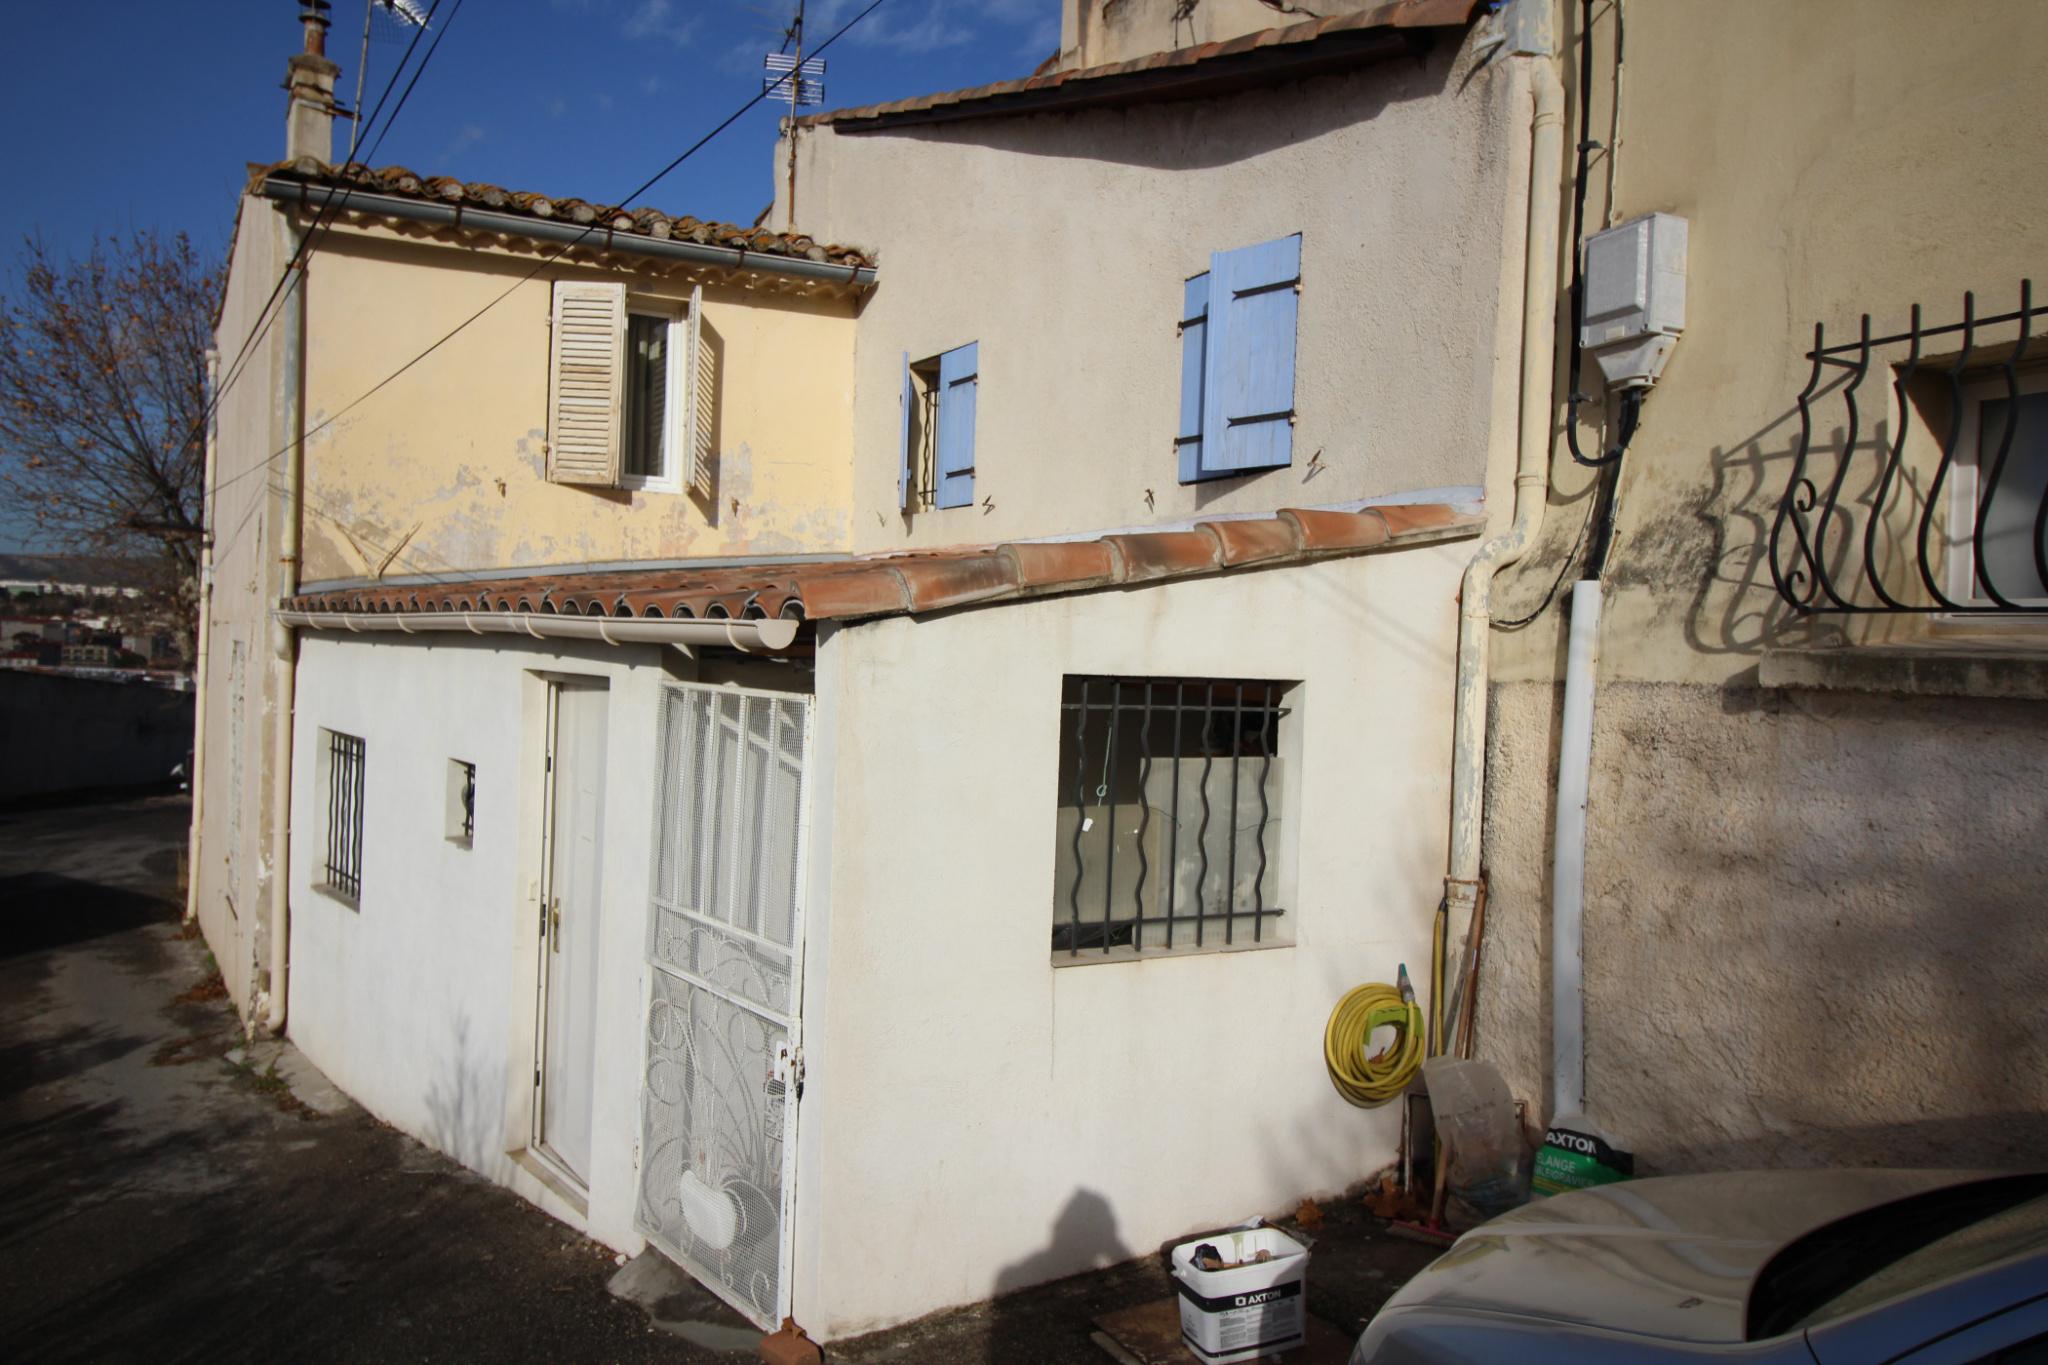 Vente Maison Marseille 13e Arrondissement 13013 Sur Le Partenaire